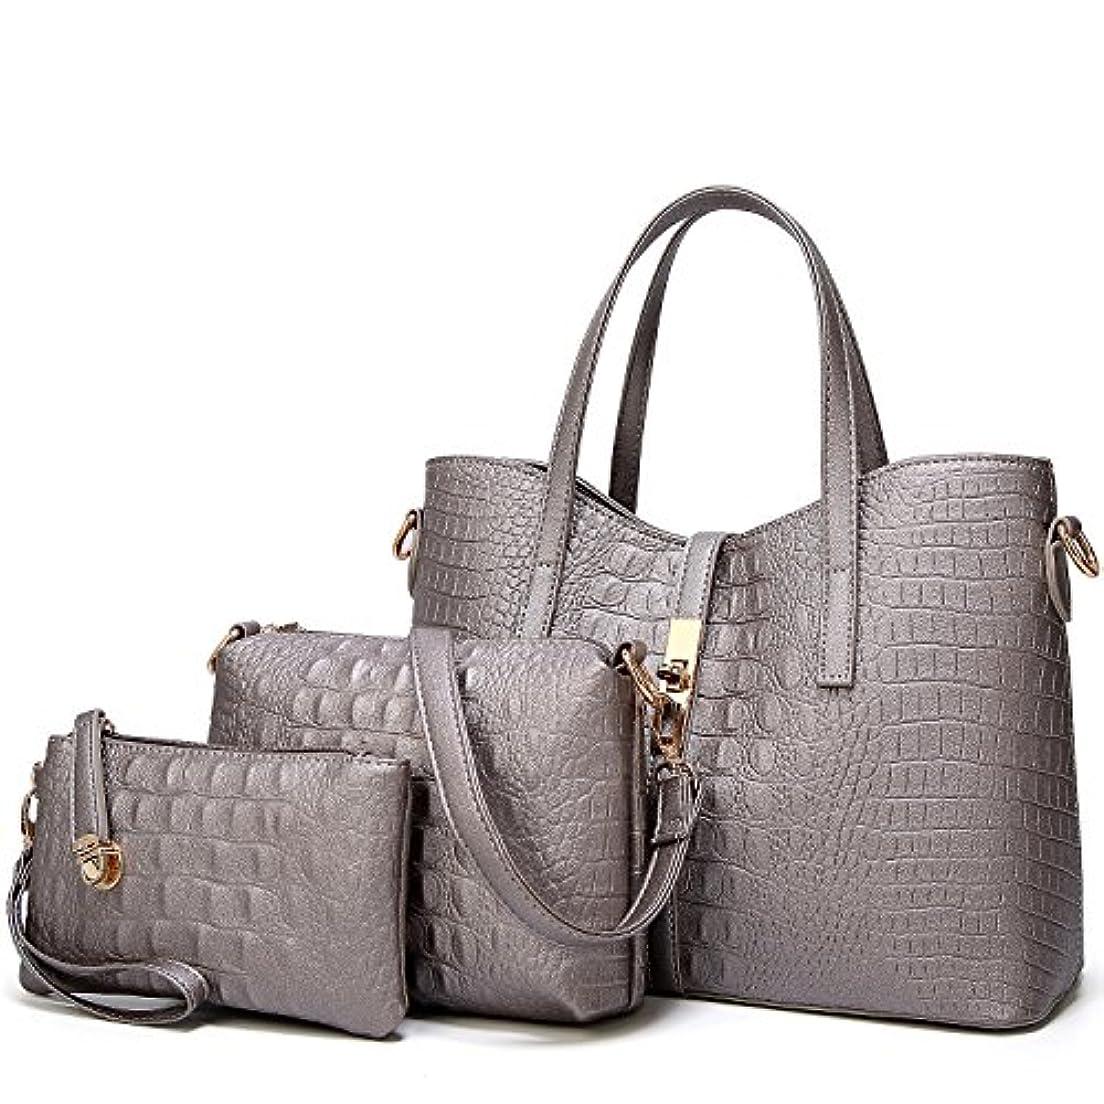 差別化する精査ミュージカル[TcIFE] ハンドバッグ レディース トートバッグ 大容量 無地 ショルダーバッグ 2way 財布とハンドバッグ